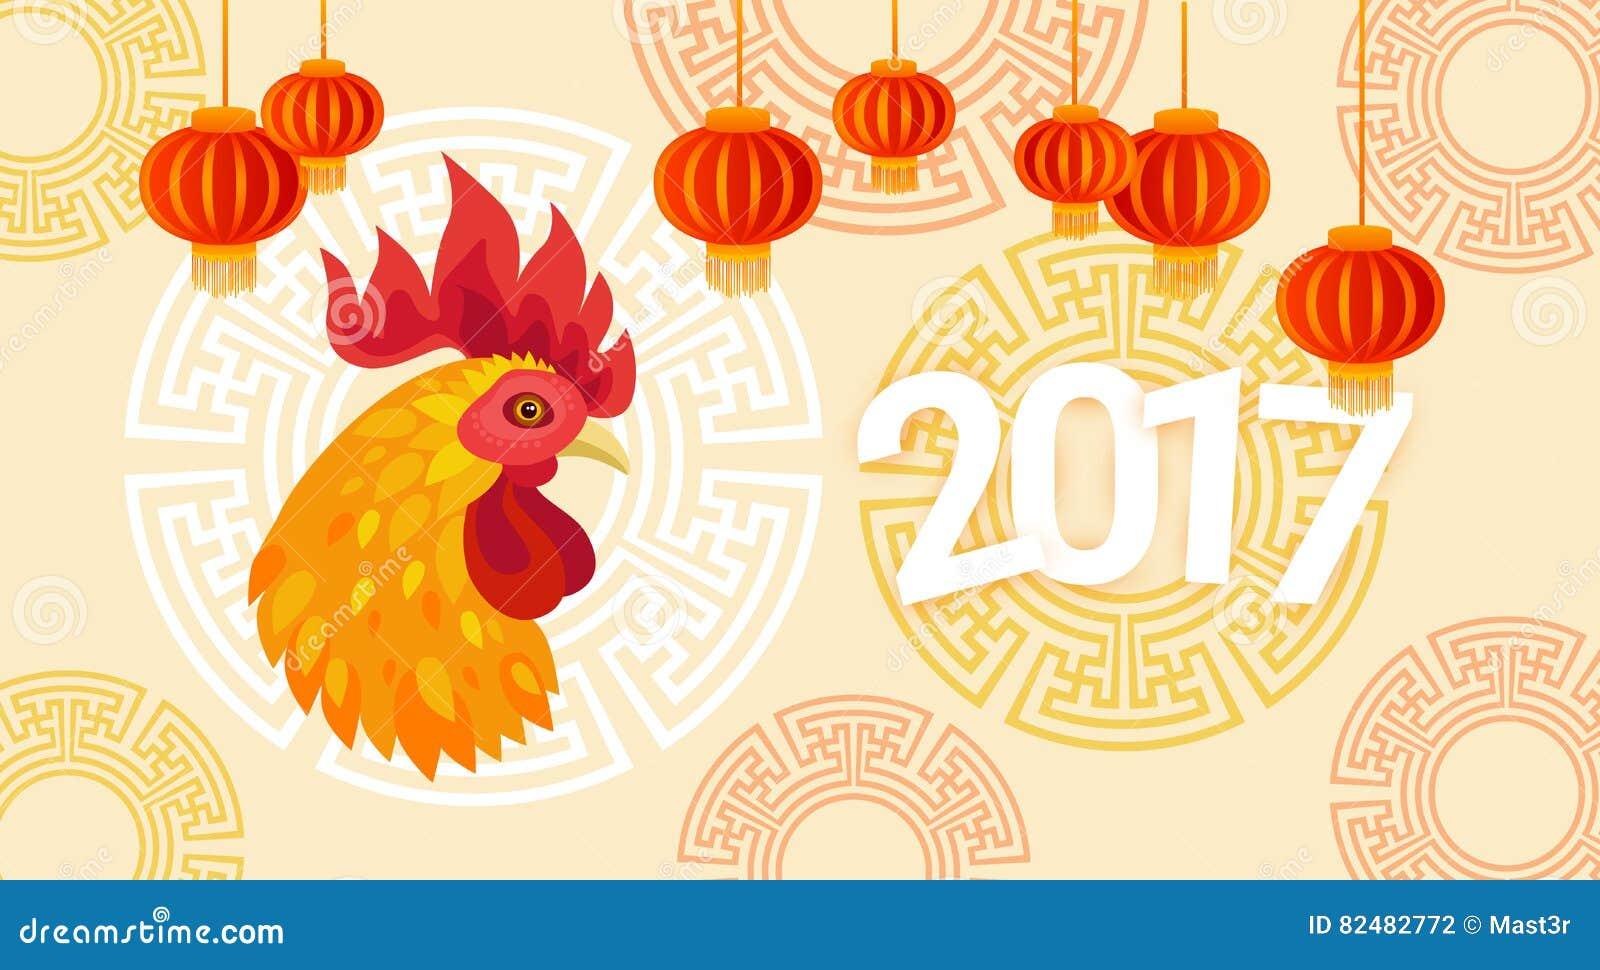 Szczęśliwego Nowego 2017 rok koguta Ptasi Chiński Latarniowy Azjatycki horoskop